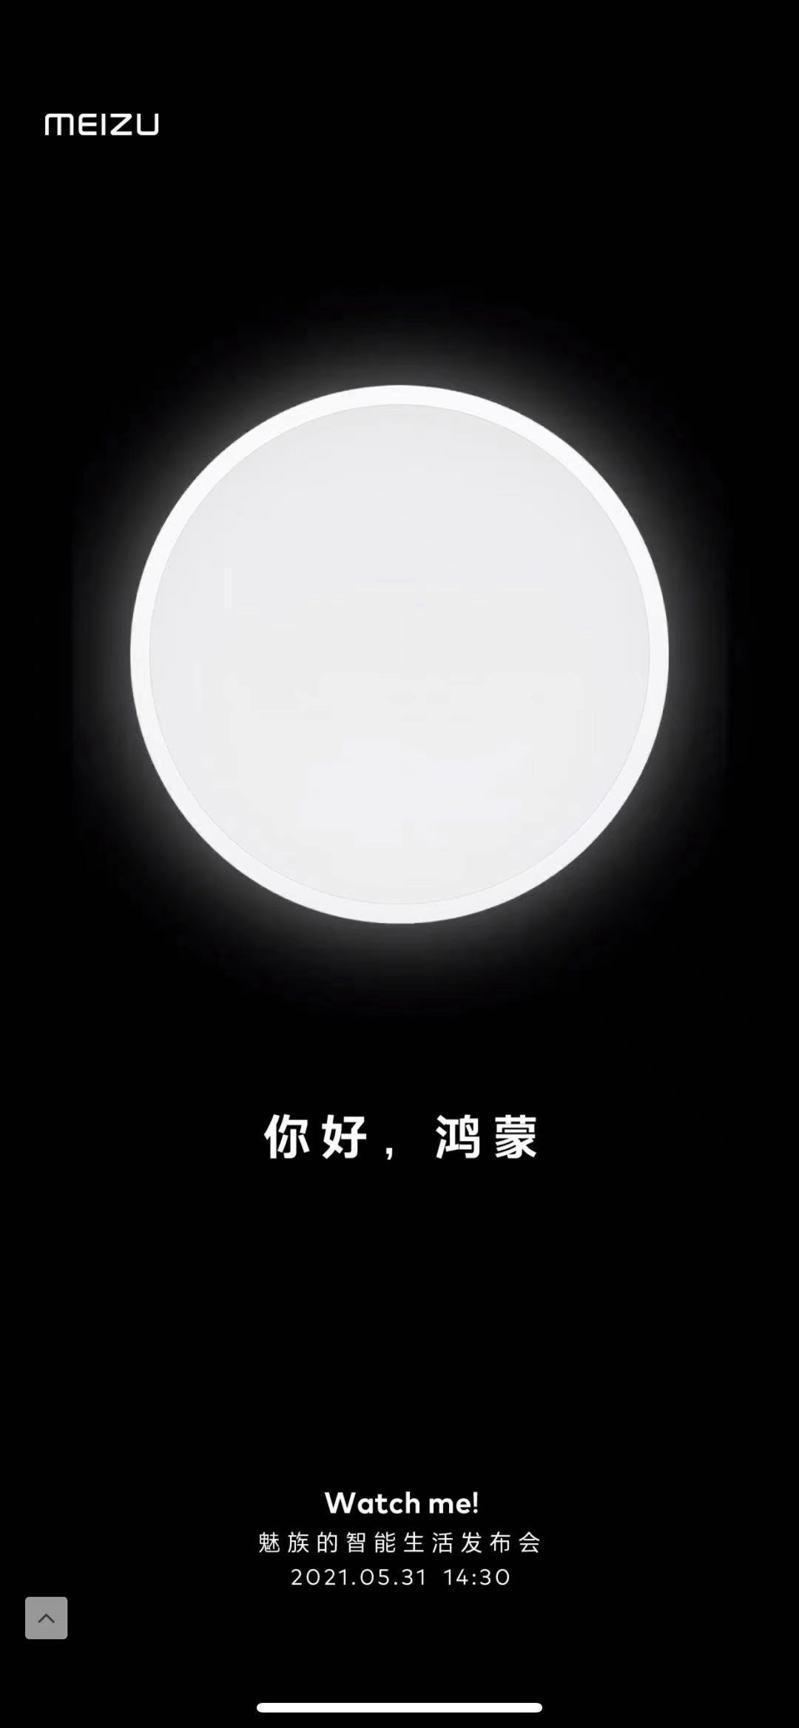 魅族旗下智慧家居品牌Lipro產品將接入華為鴻蒙作業系統。圖/取自澎湃新聞